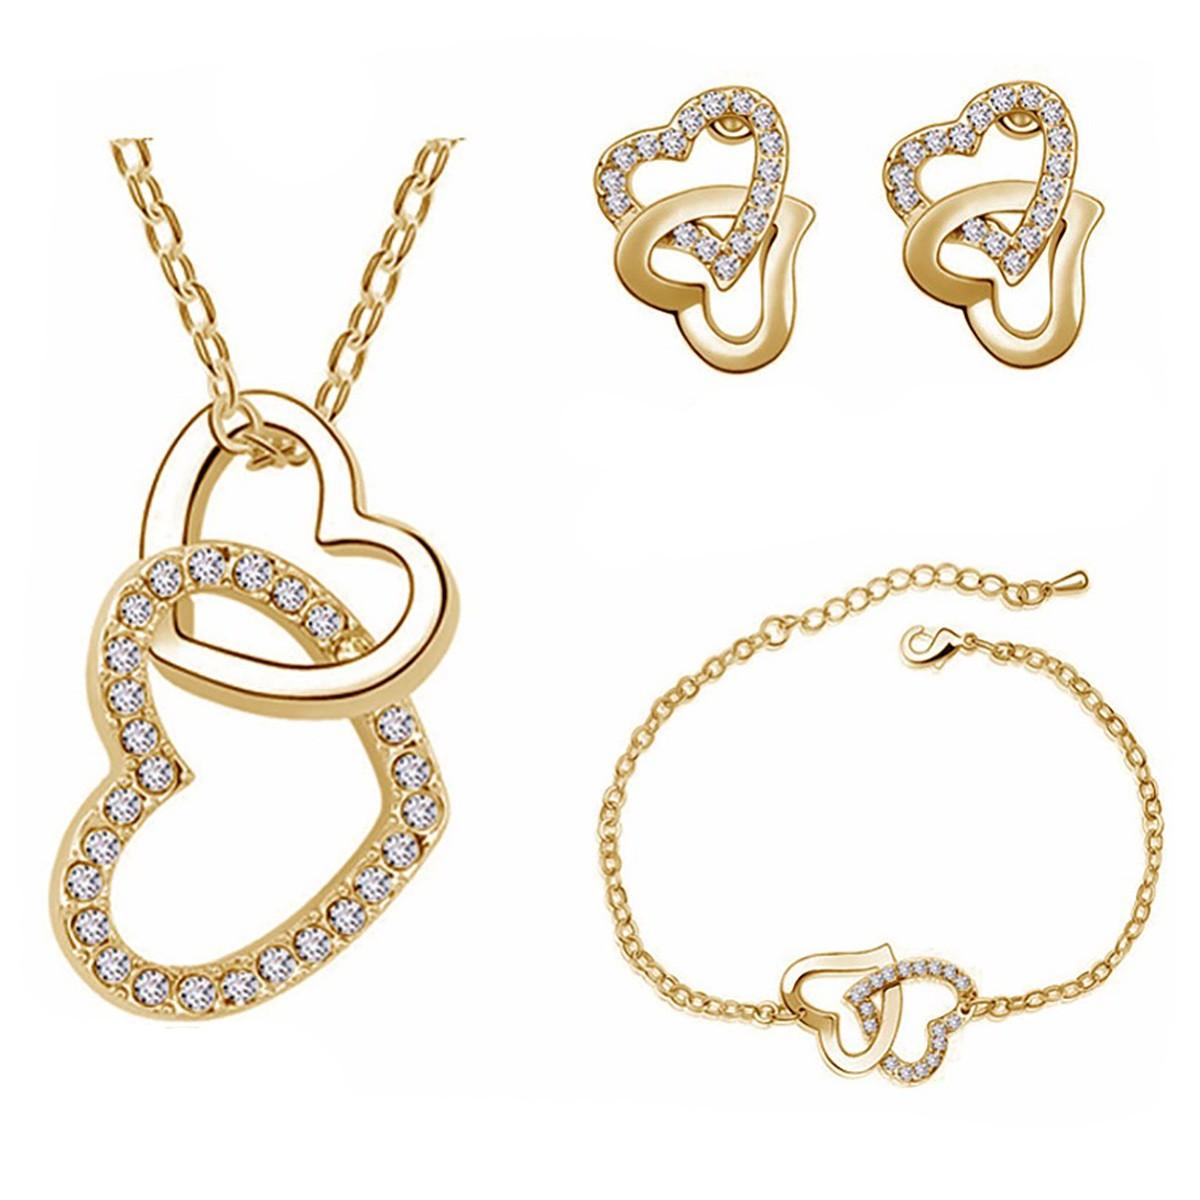 Schönes Schmuckset / Halskette, Armband und Ohrringe - goldfarbig